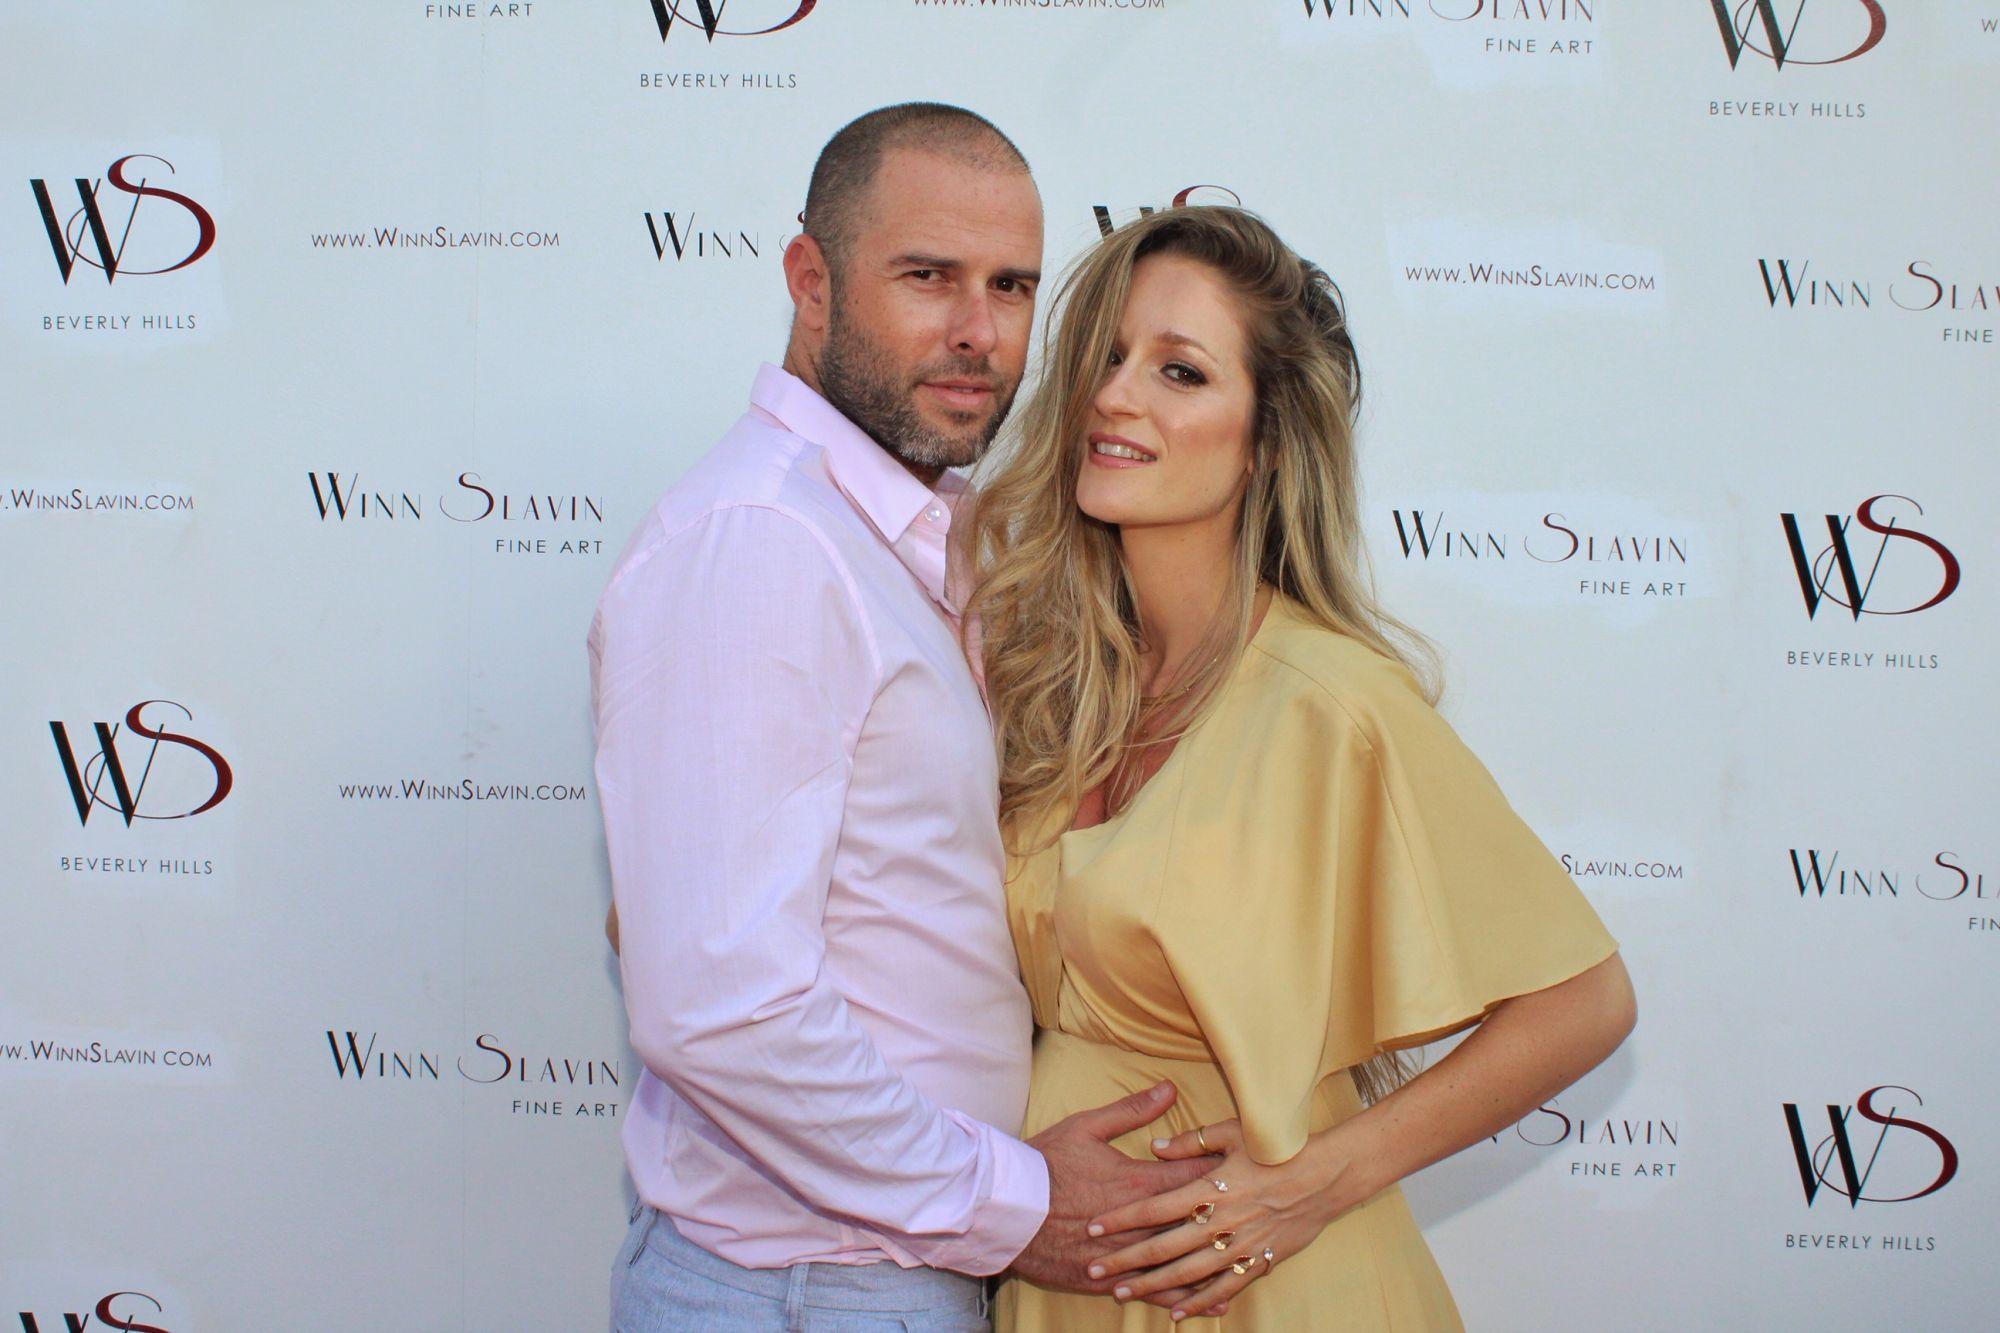 תמונת הריון זוגית ראשונה שלנו יחד בפרימיירה של דניאל